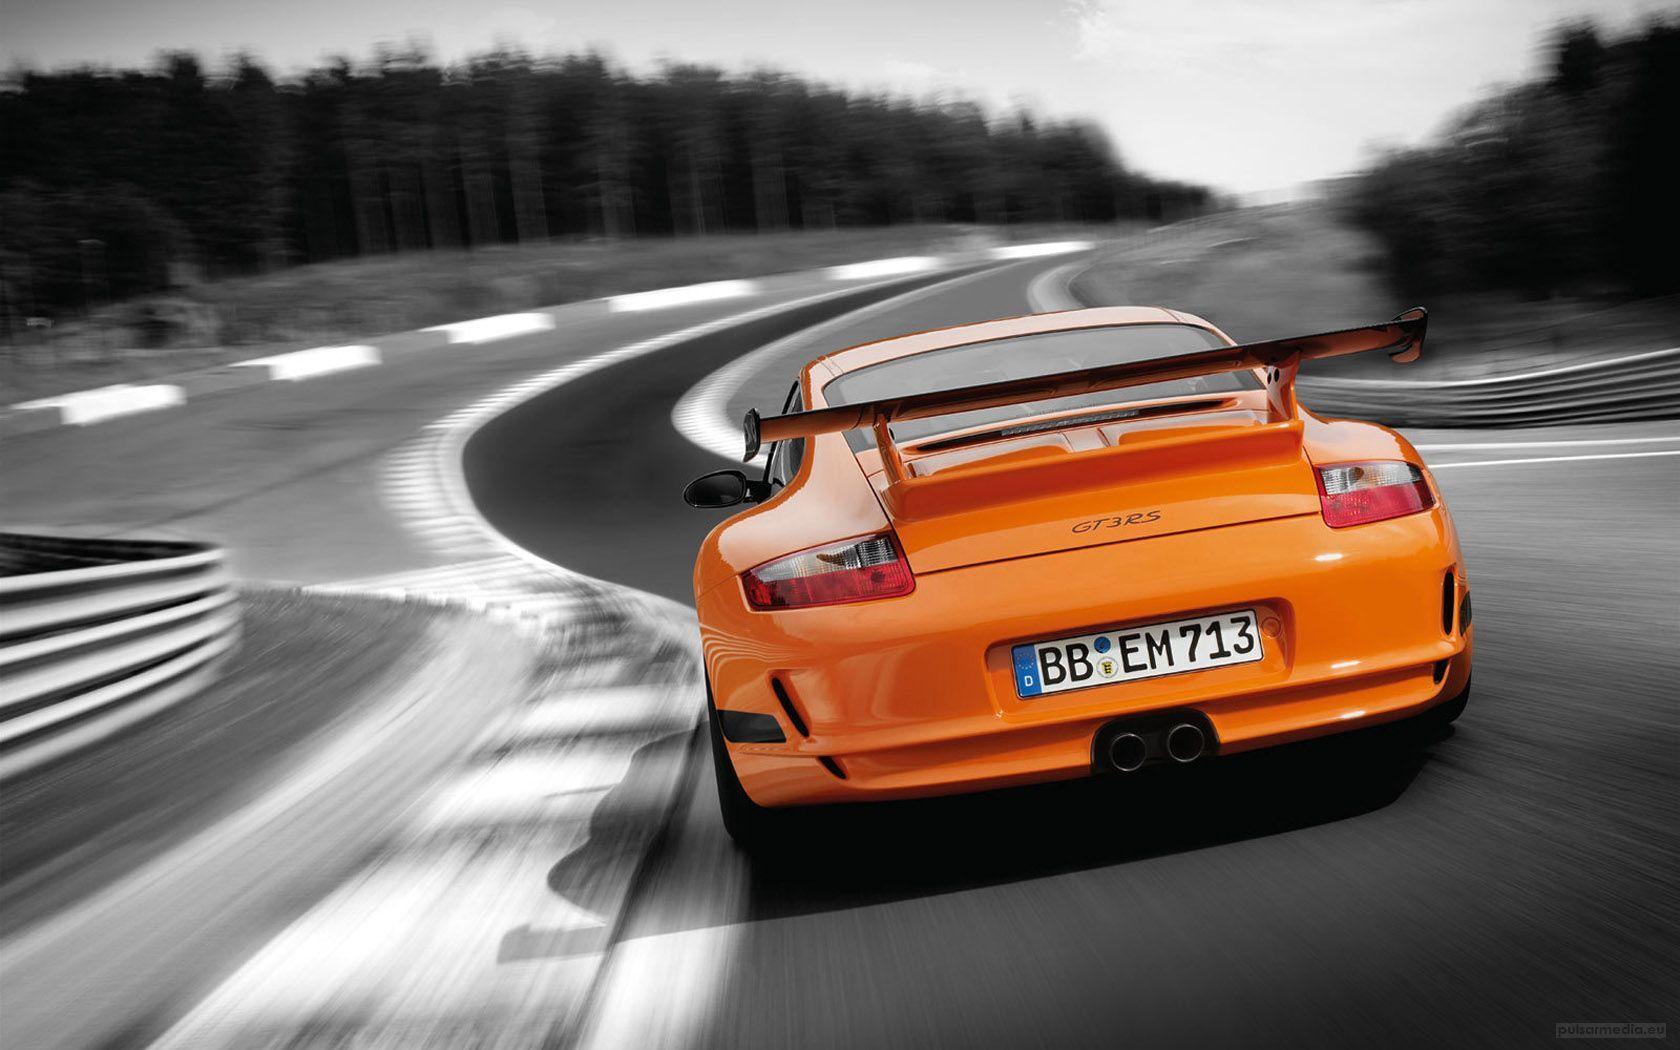 Porsche Gt3 Rs Wallpapers - Wallpaper Cave